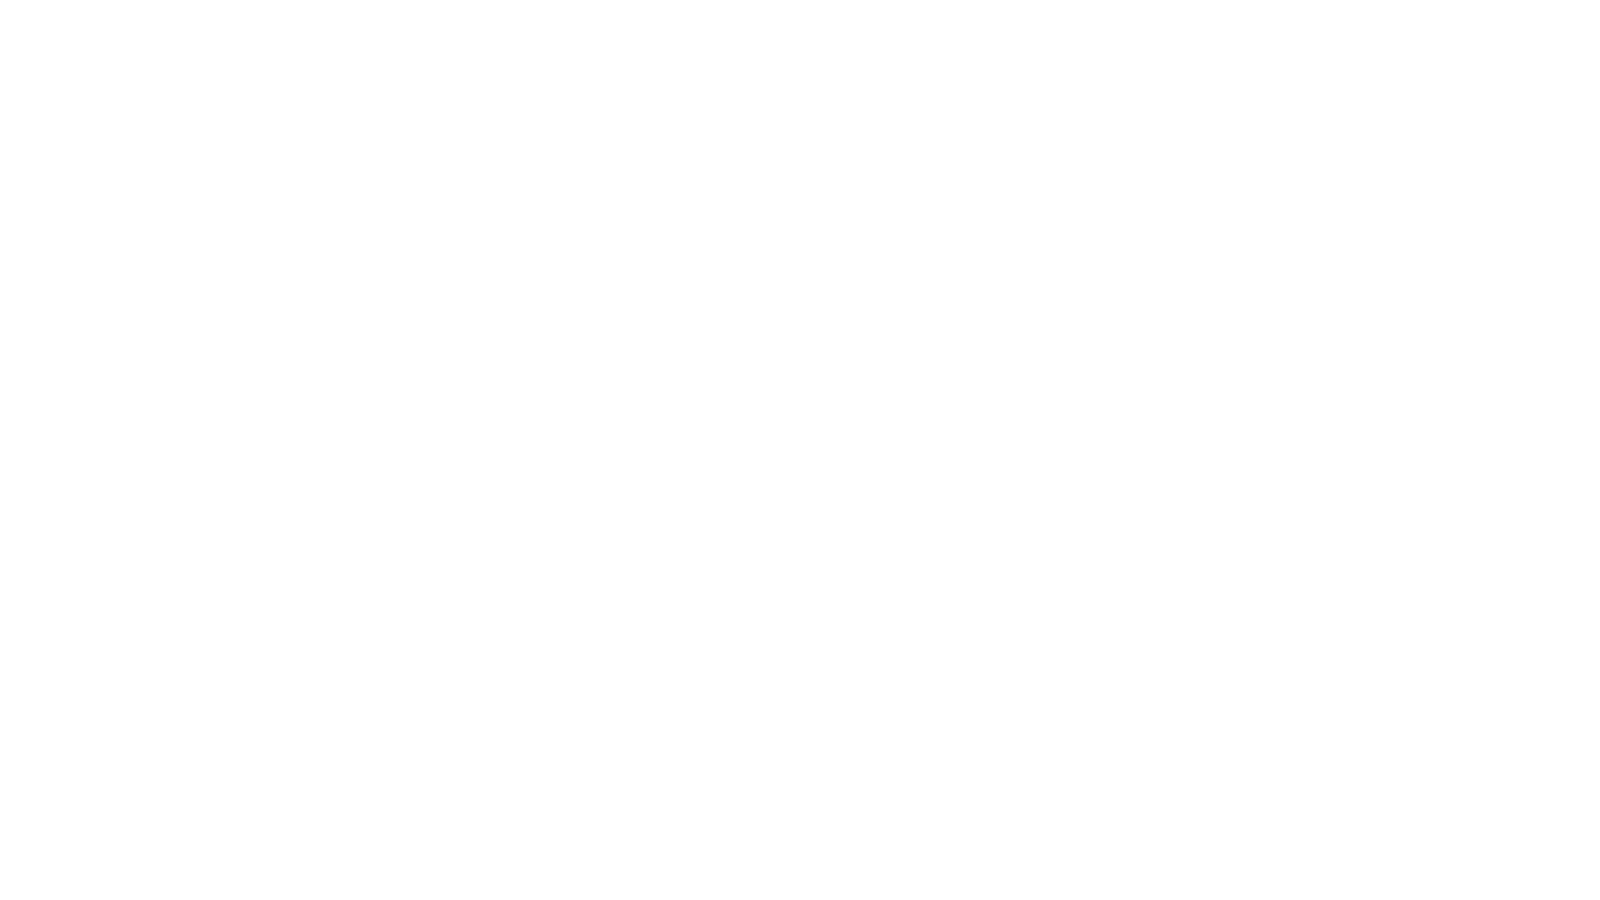 Com 101 anos de atuação, o Colégio Imaculado Coração de Maria forma alunos a partir de um olhar cristão acompanhado de uma formação de excelência, com aprendizados sólidos, éticos, sociais e morais.   Quer saber mais sobre o nosso jeito de educar? Agende uma visita! 💙  http://coracaodemariaescolaviva.com.br/  Rua Aristides Caire, 141 Méier – Rio de Janeiro – RJ contato@cicm.com.br Tel.: (21) 3032-8131  #educacaobasicariodejaneiro #escolasriodejaneiro #escolaméier #matricula2022